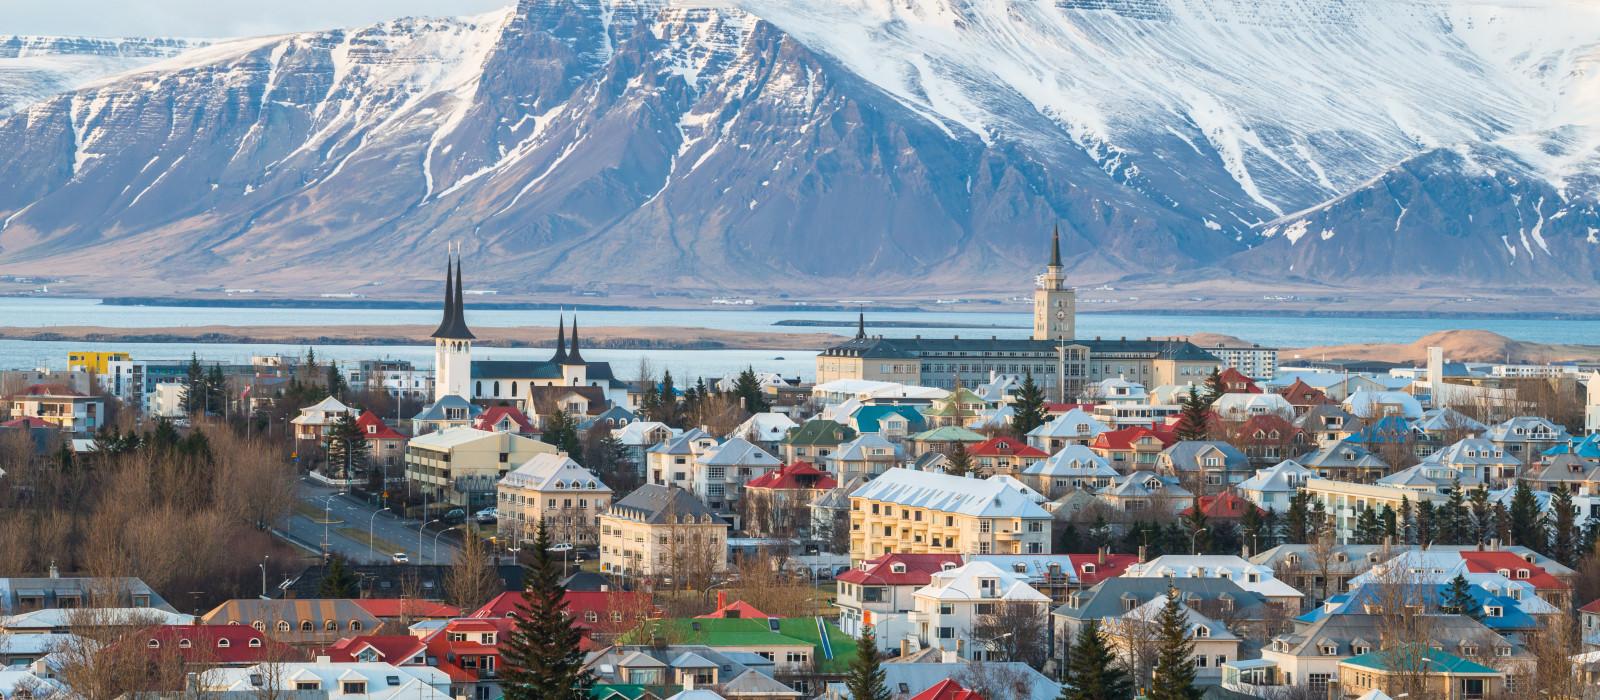 Reiseziel Reykjavik Island